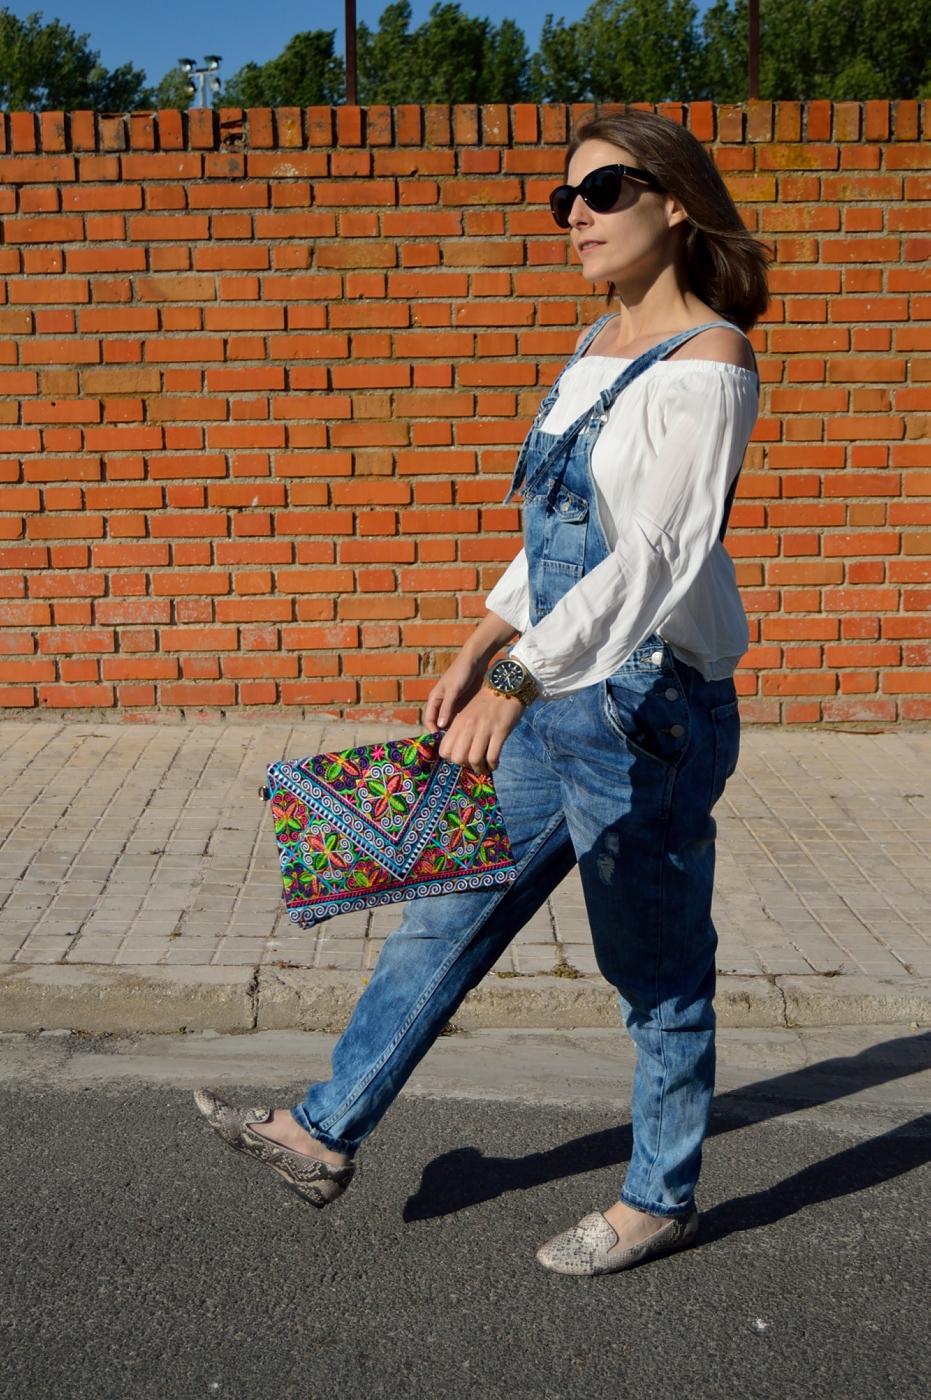 lara-vazquez-mad-lula-style-outfit-spring-inspo-denim-jumpsuit-fashion-blog-moda-glamour